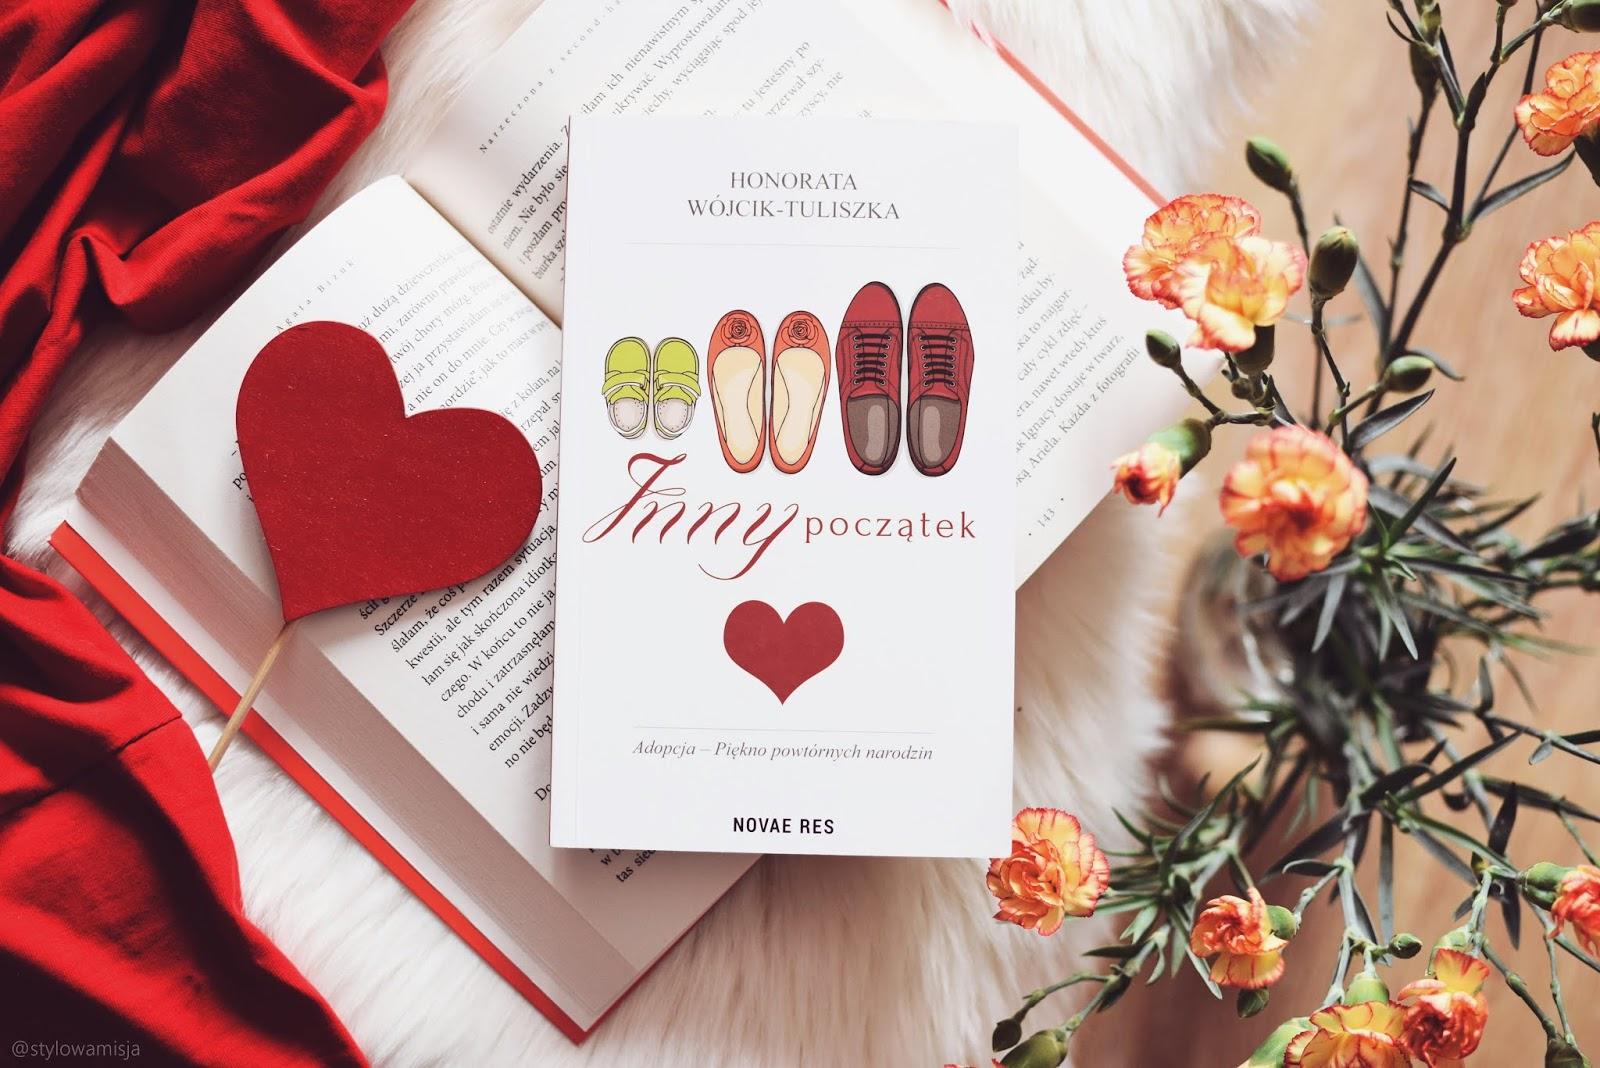 adopcja, HonorataWójcikTuliszka, InnyPoczątek, literaturapiękna, miłość, opowiadanie, recenzja, WydawnictwoNovaeRes,